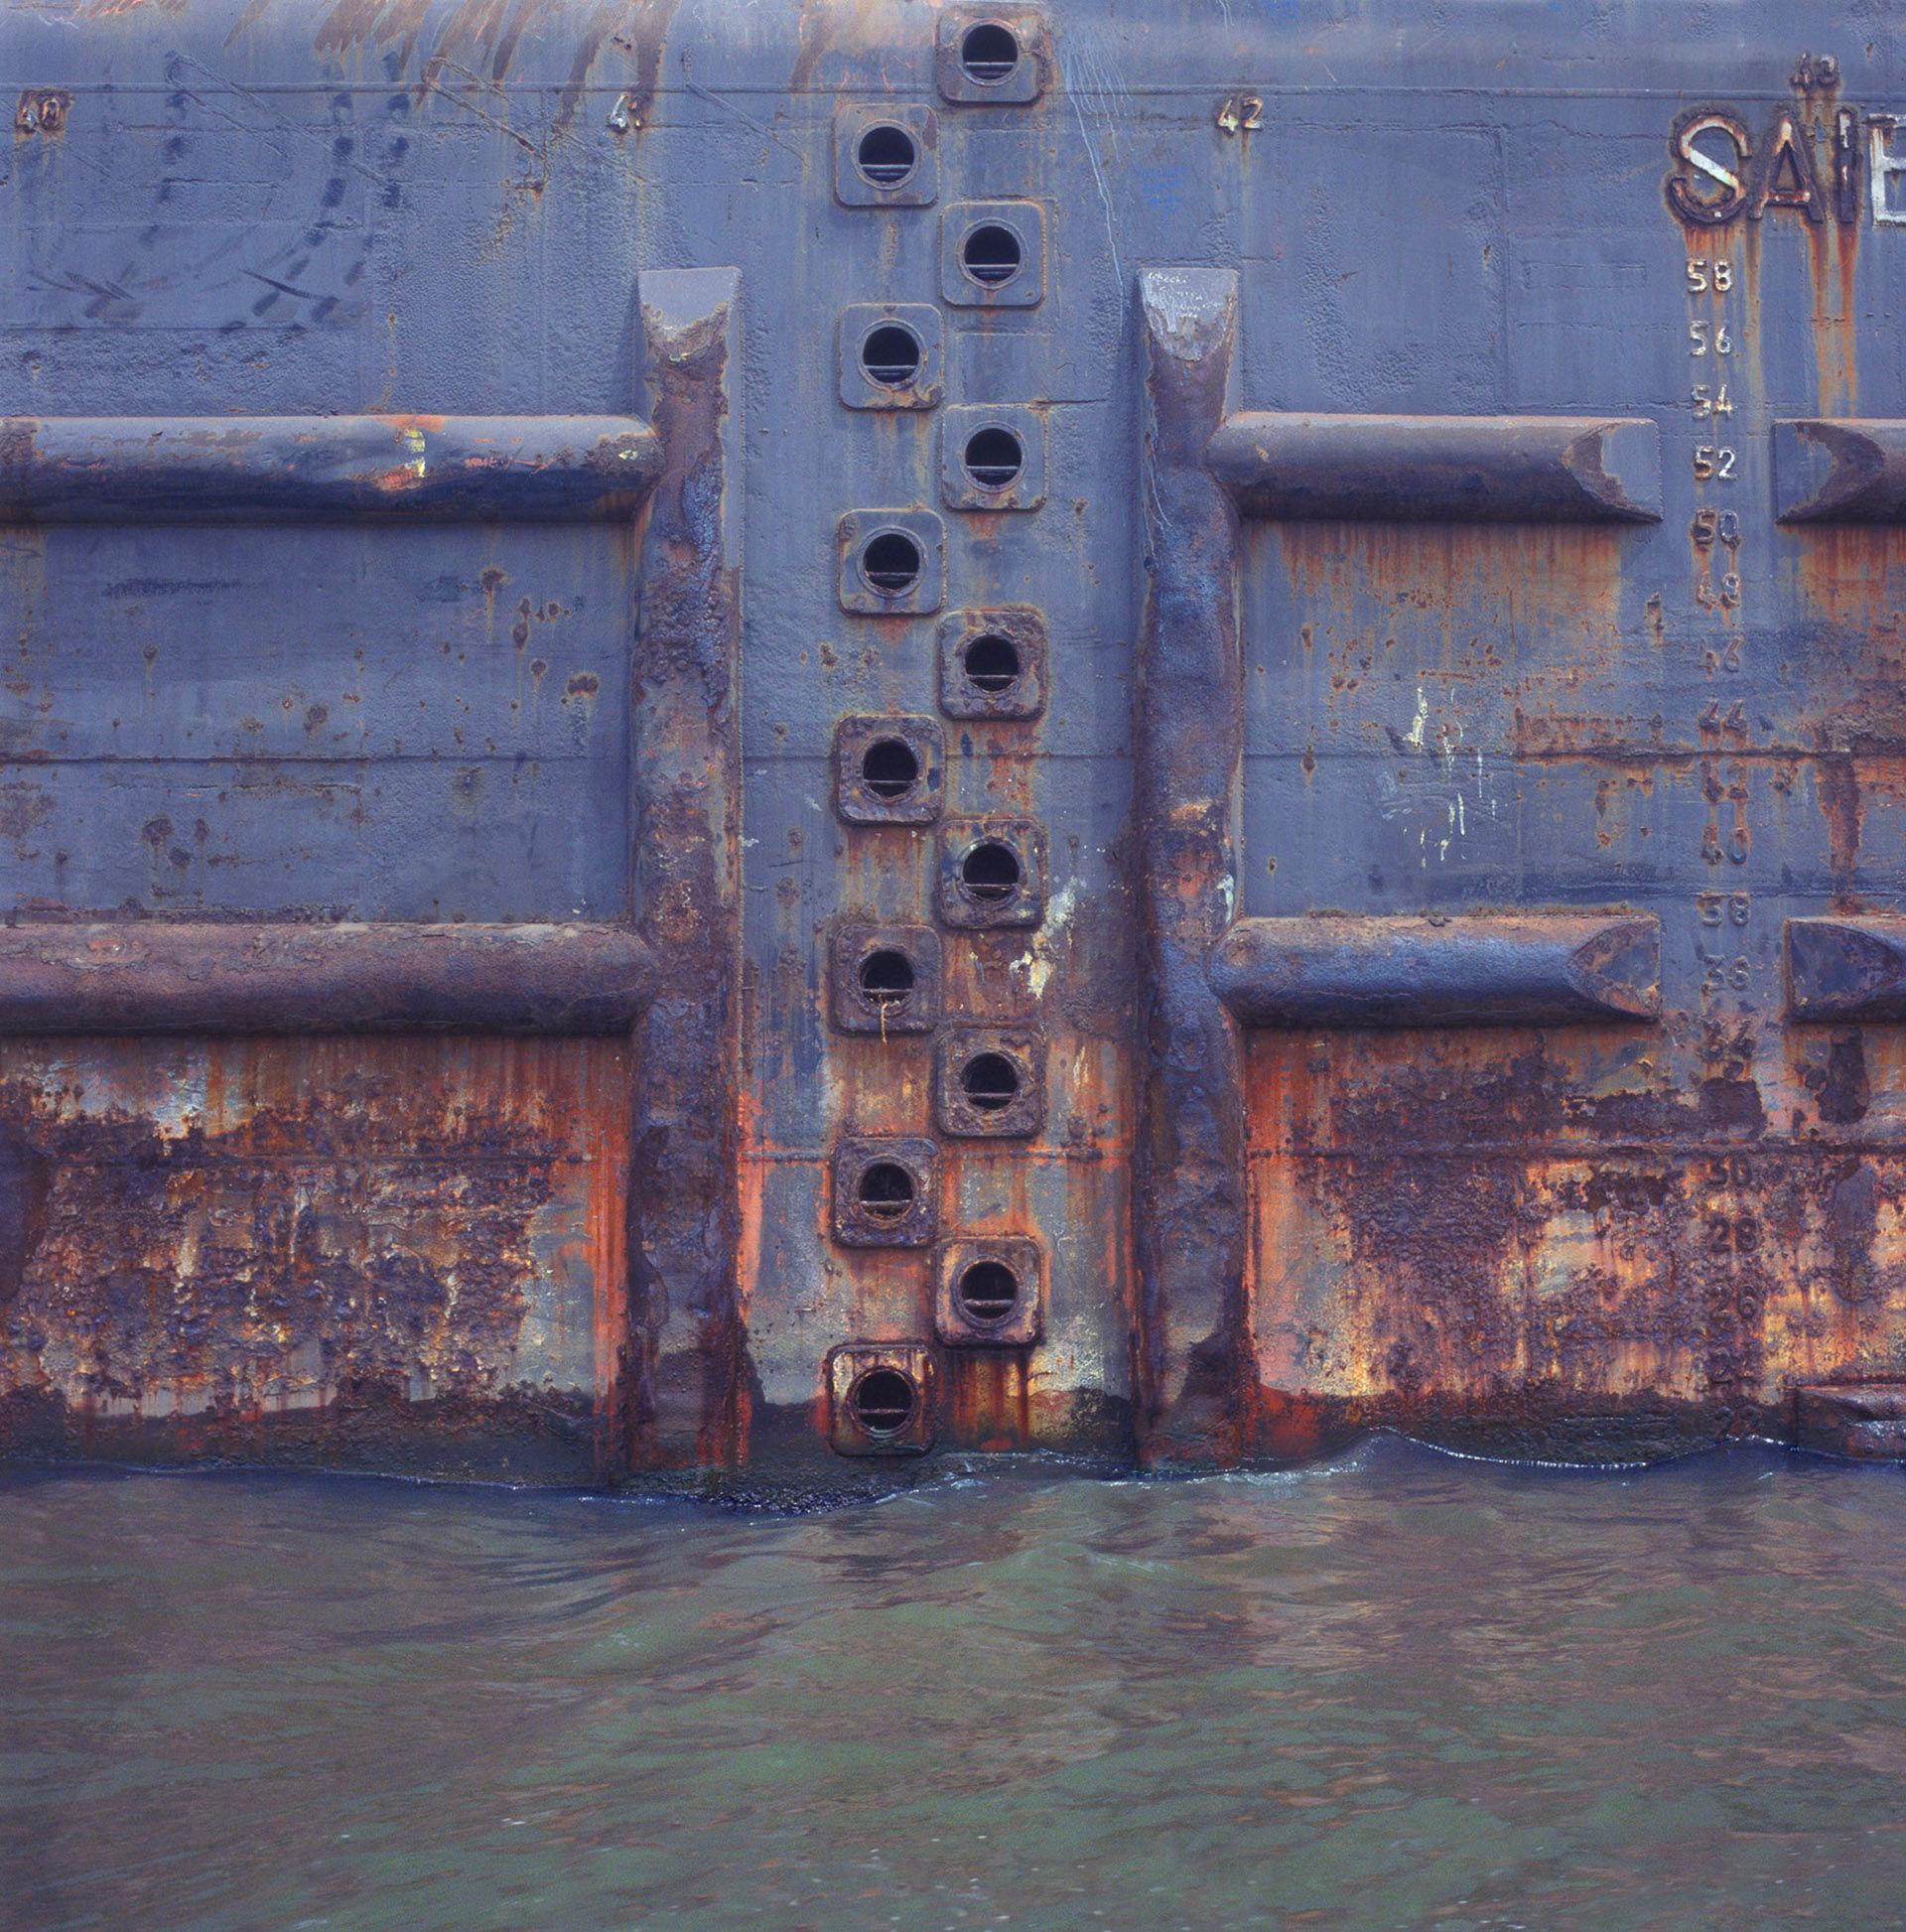 Hull 84